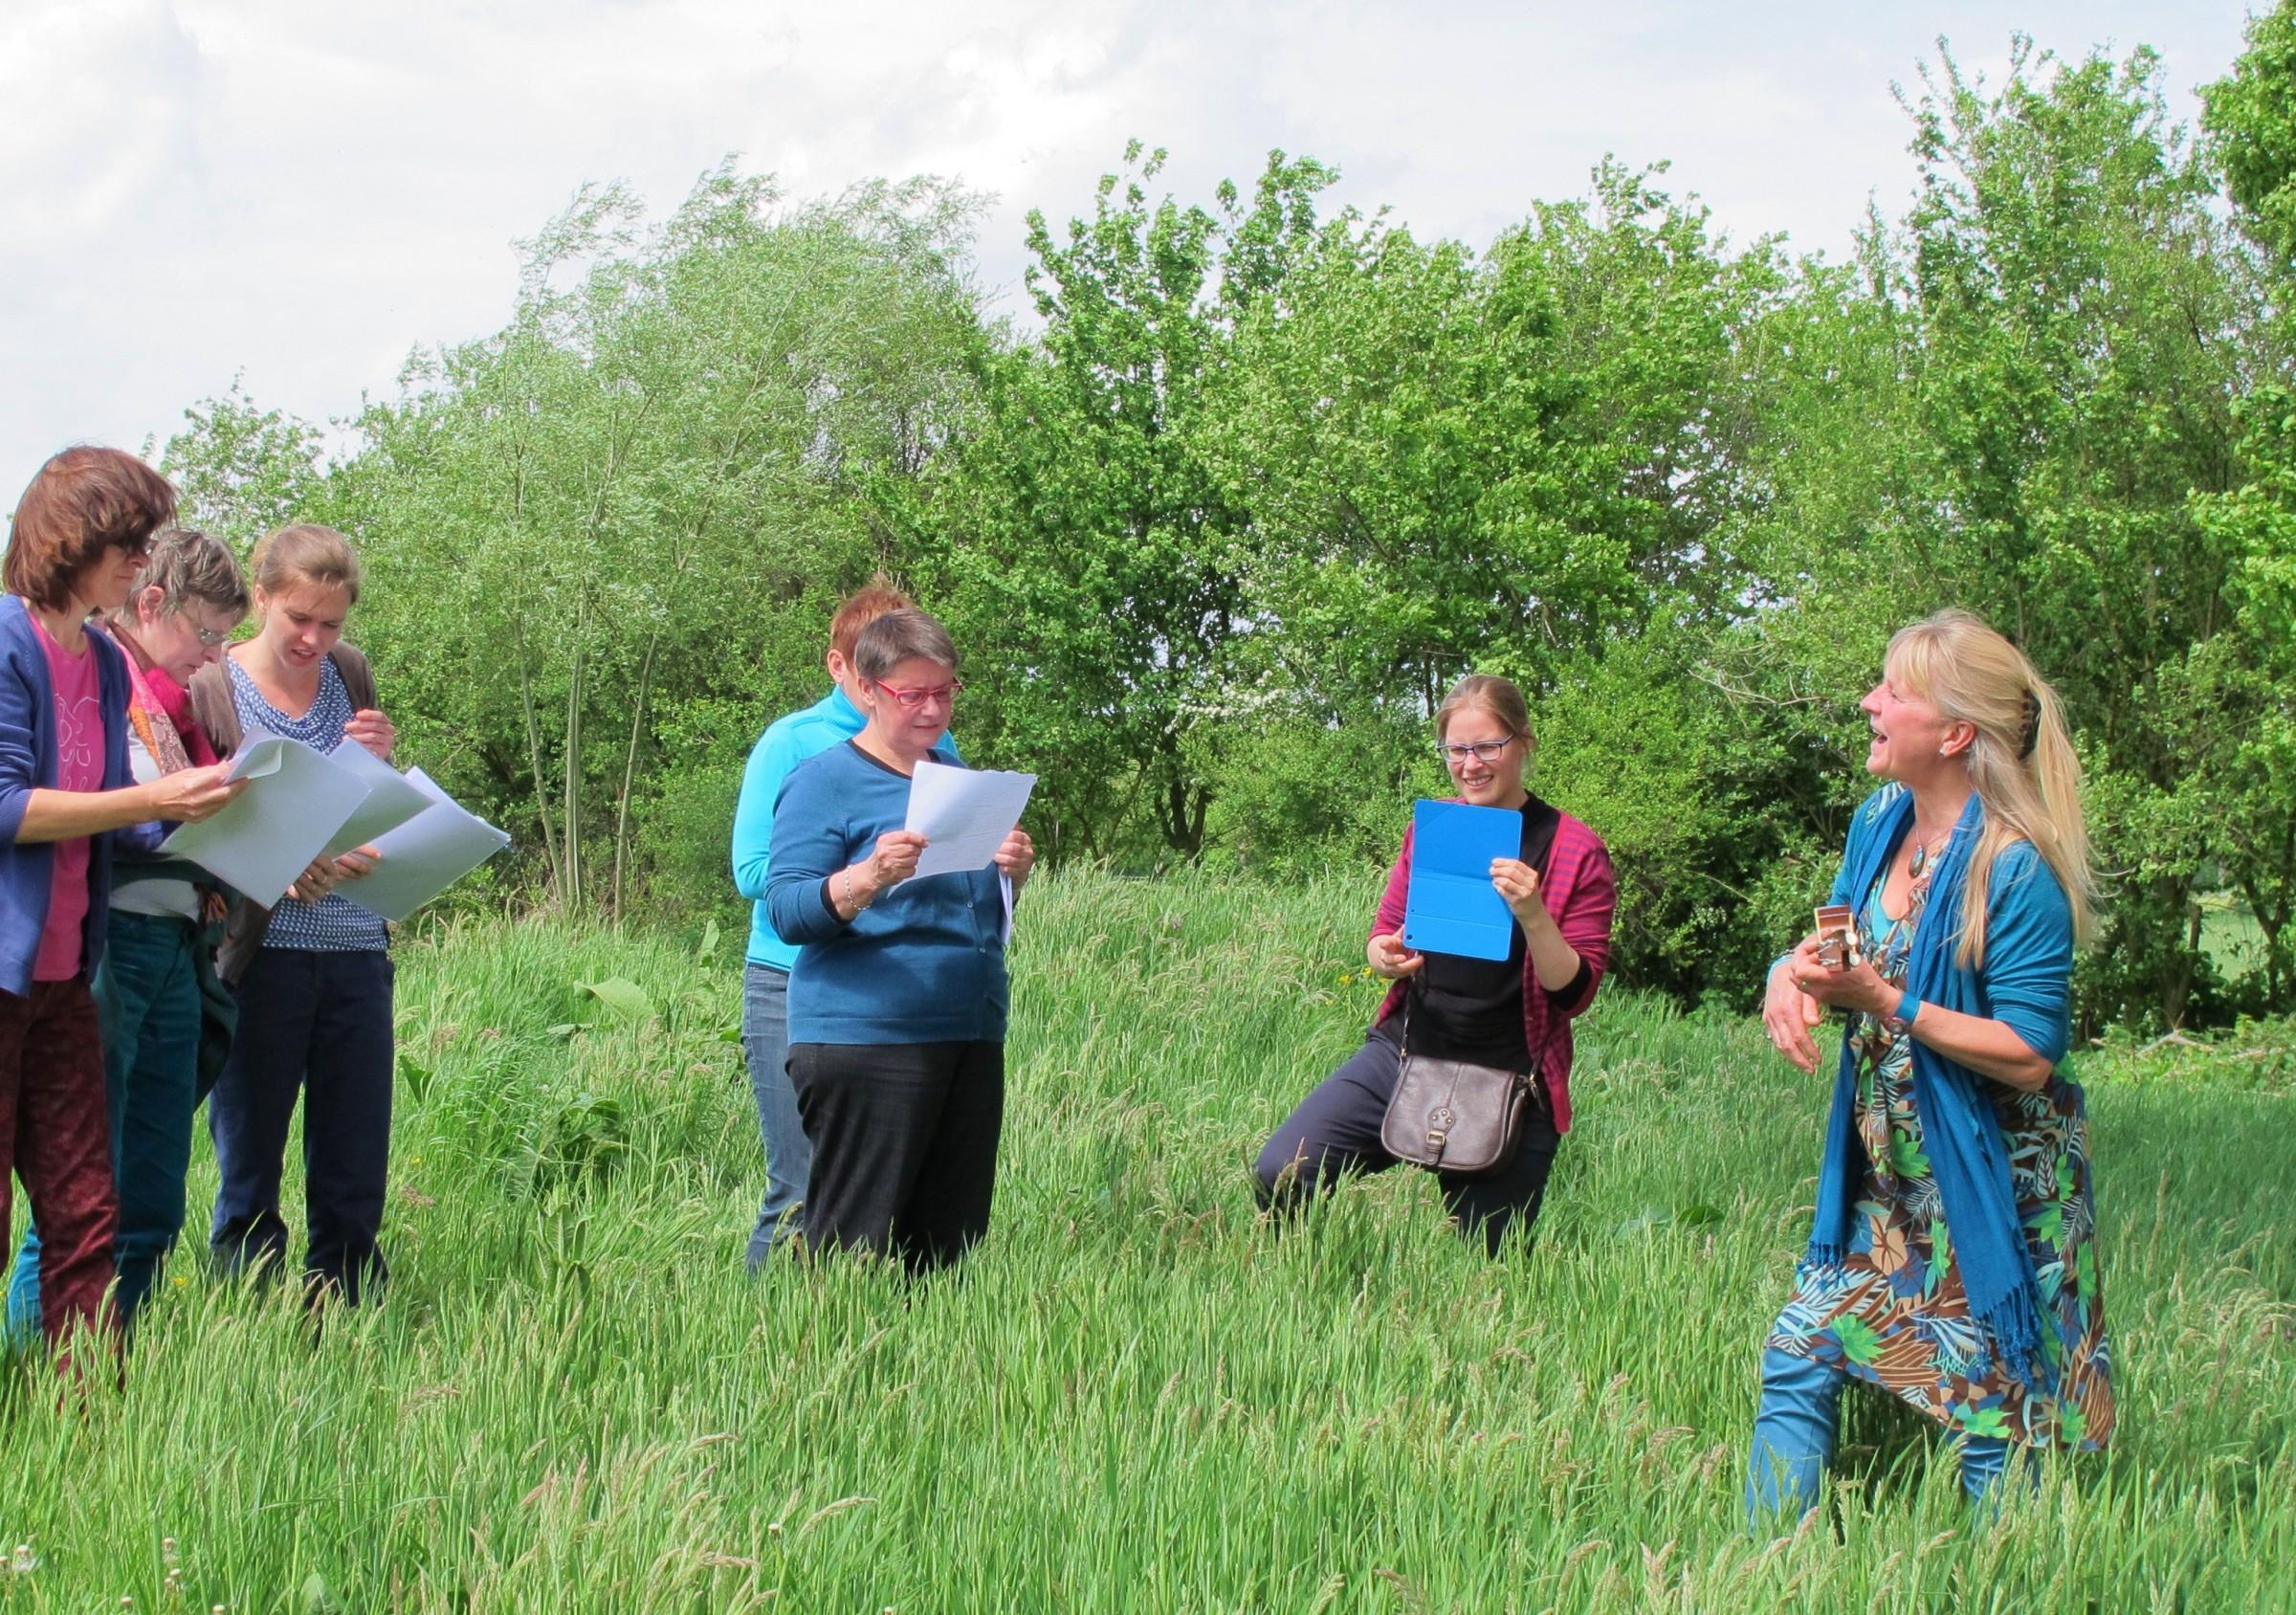 Zingen in de natuur, mei 2015